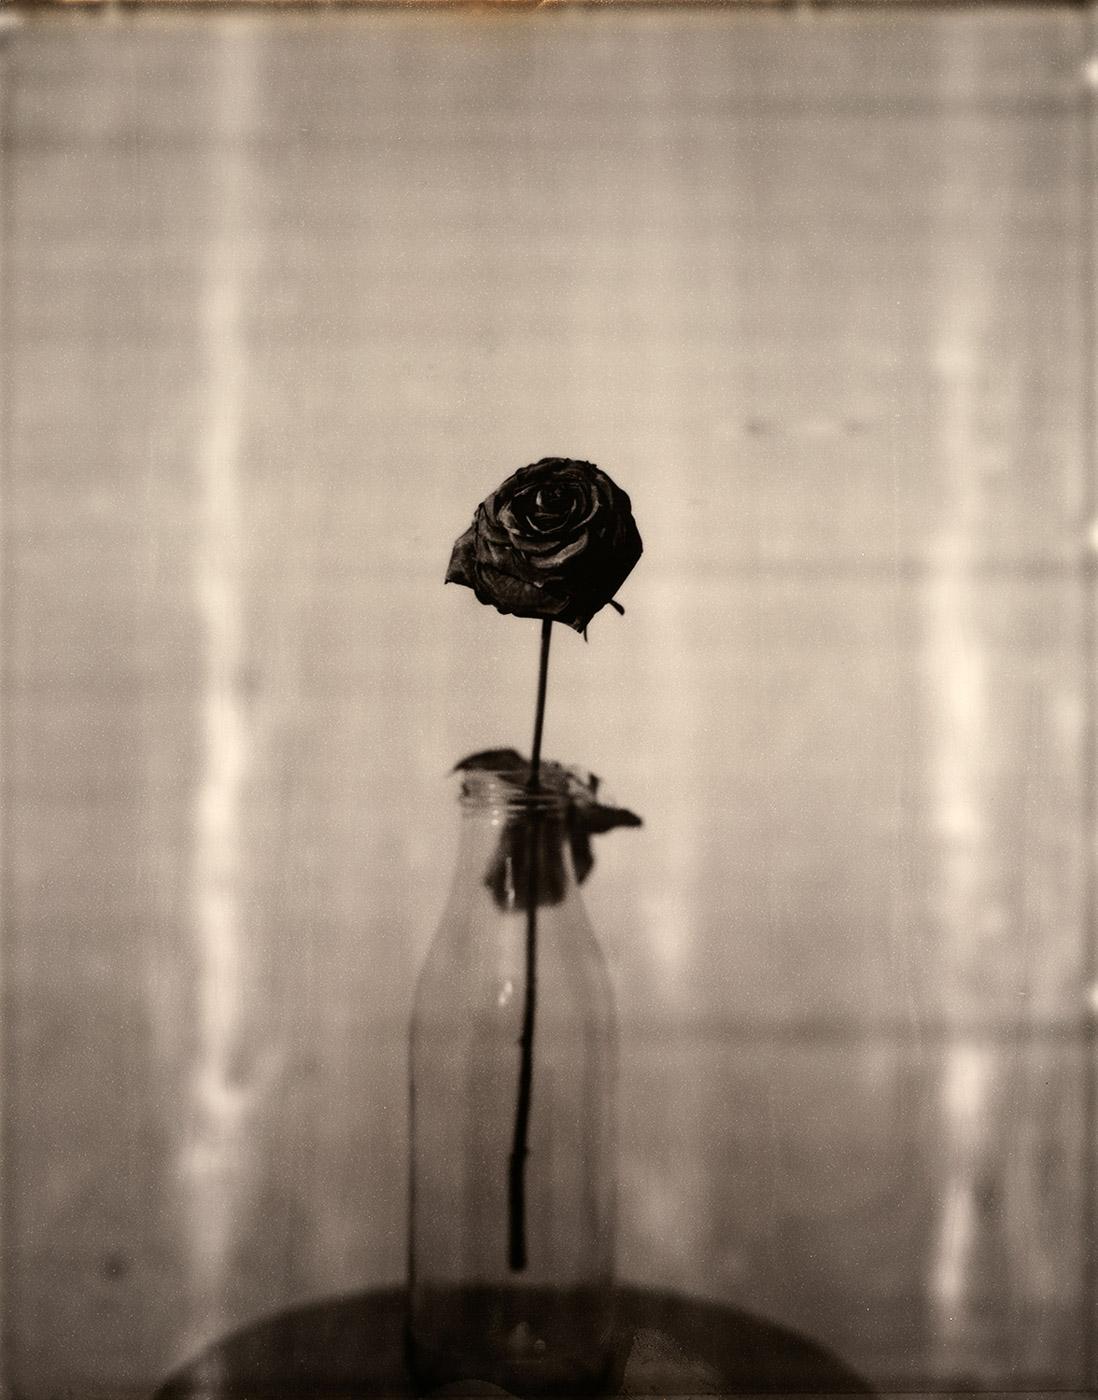 LA_VIE_EN_ROSE | 8x10_BW_LA_VIE_EN_ROSE_01